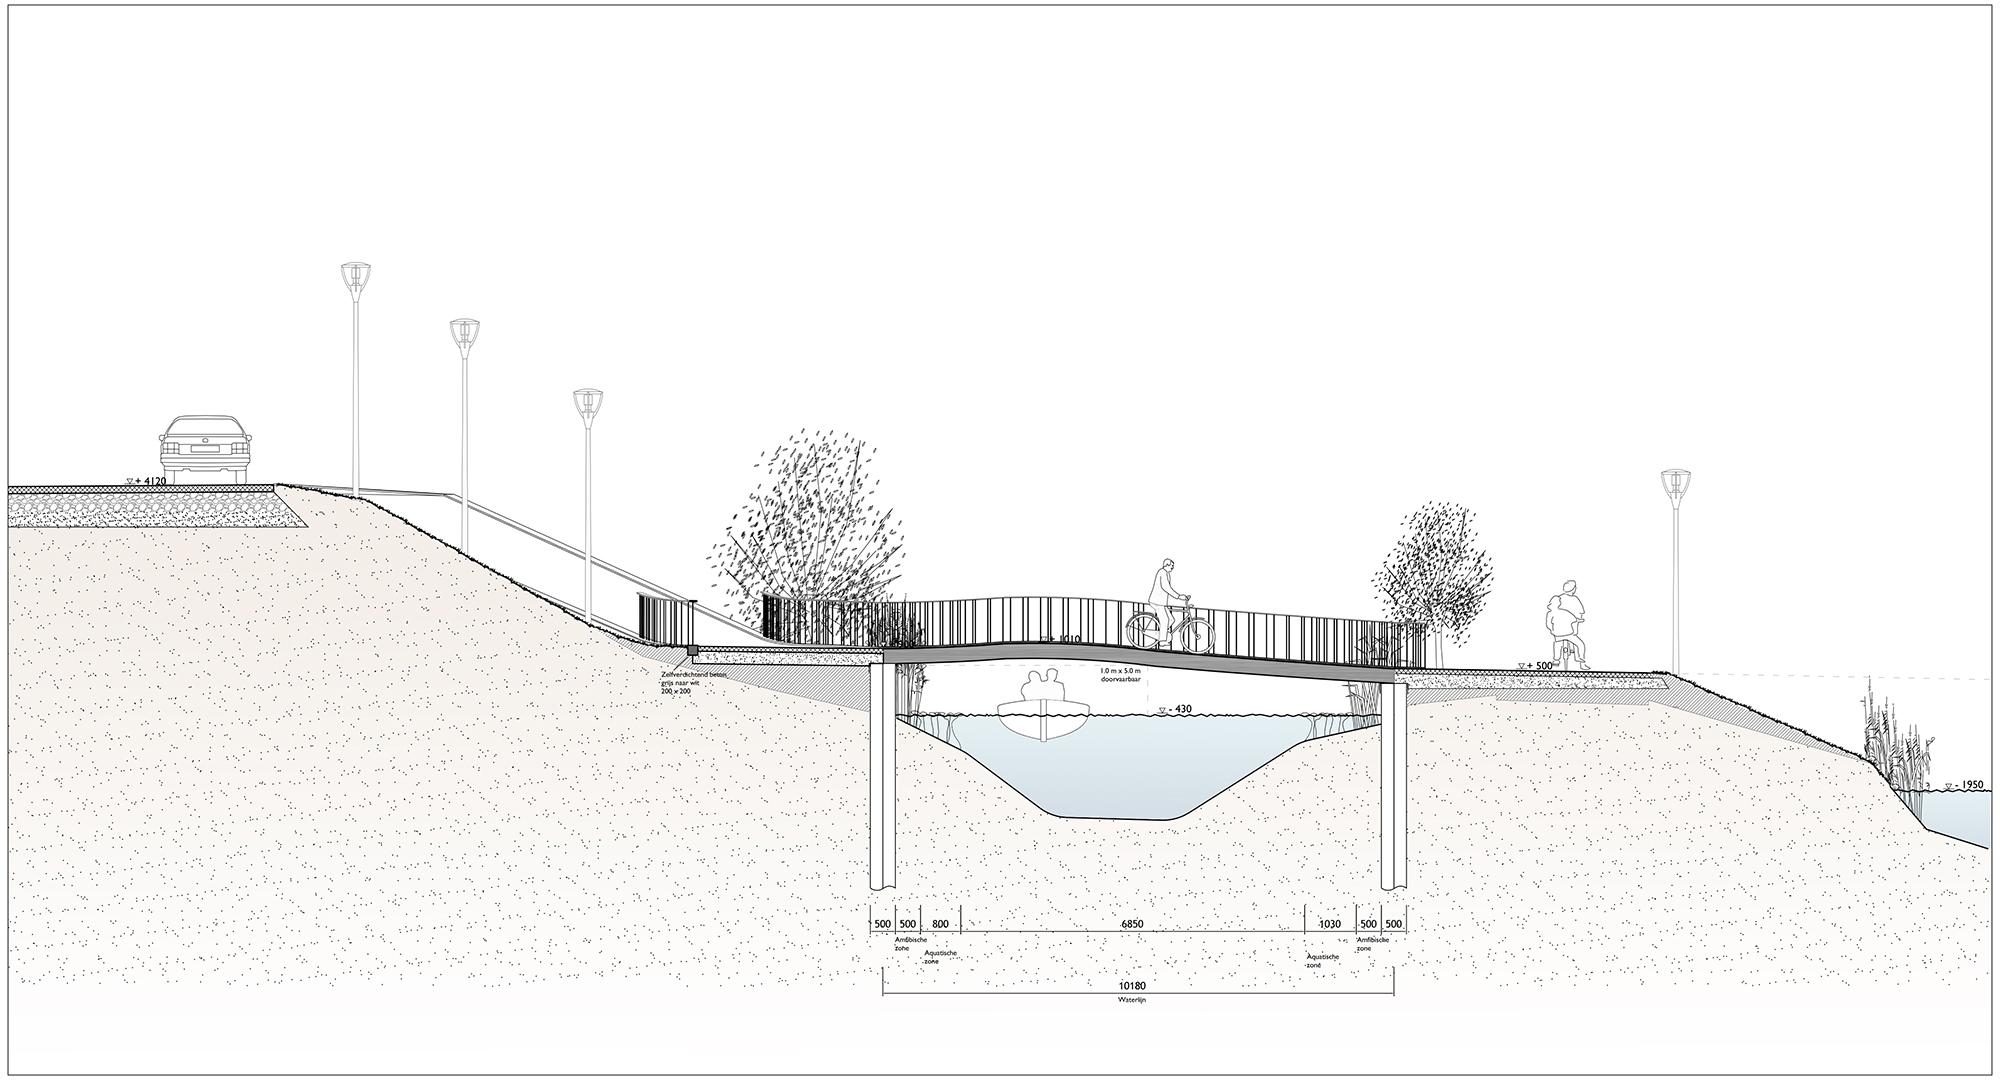 Fietsbrug Maassluis